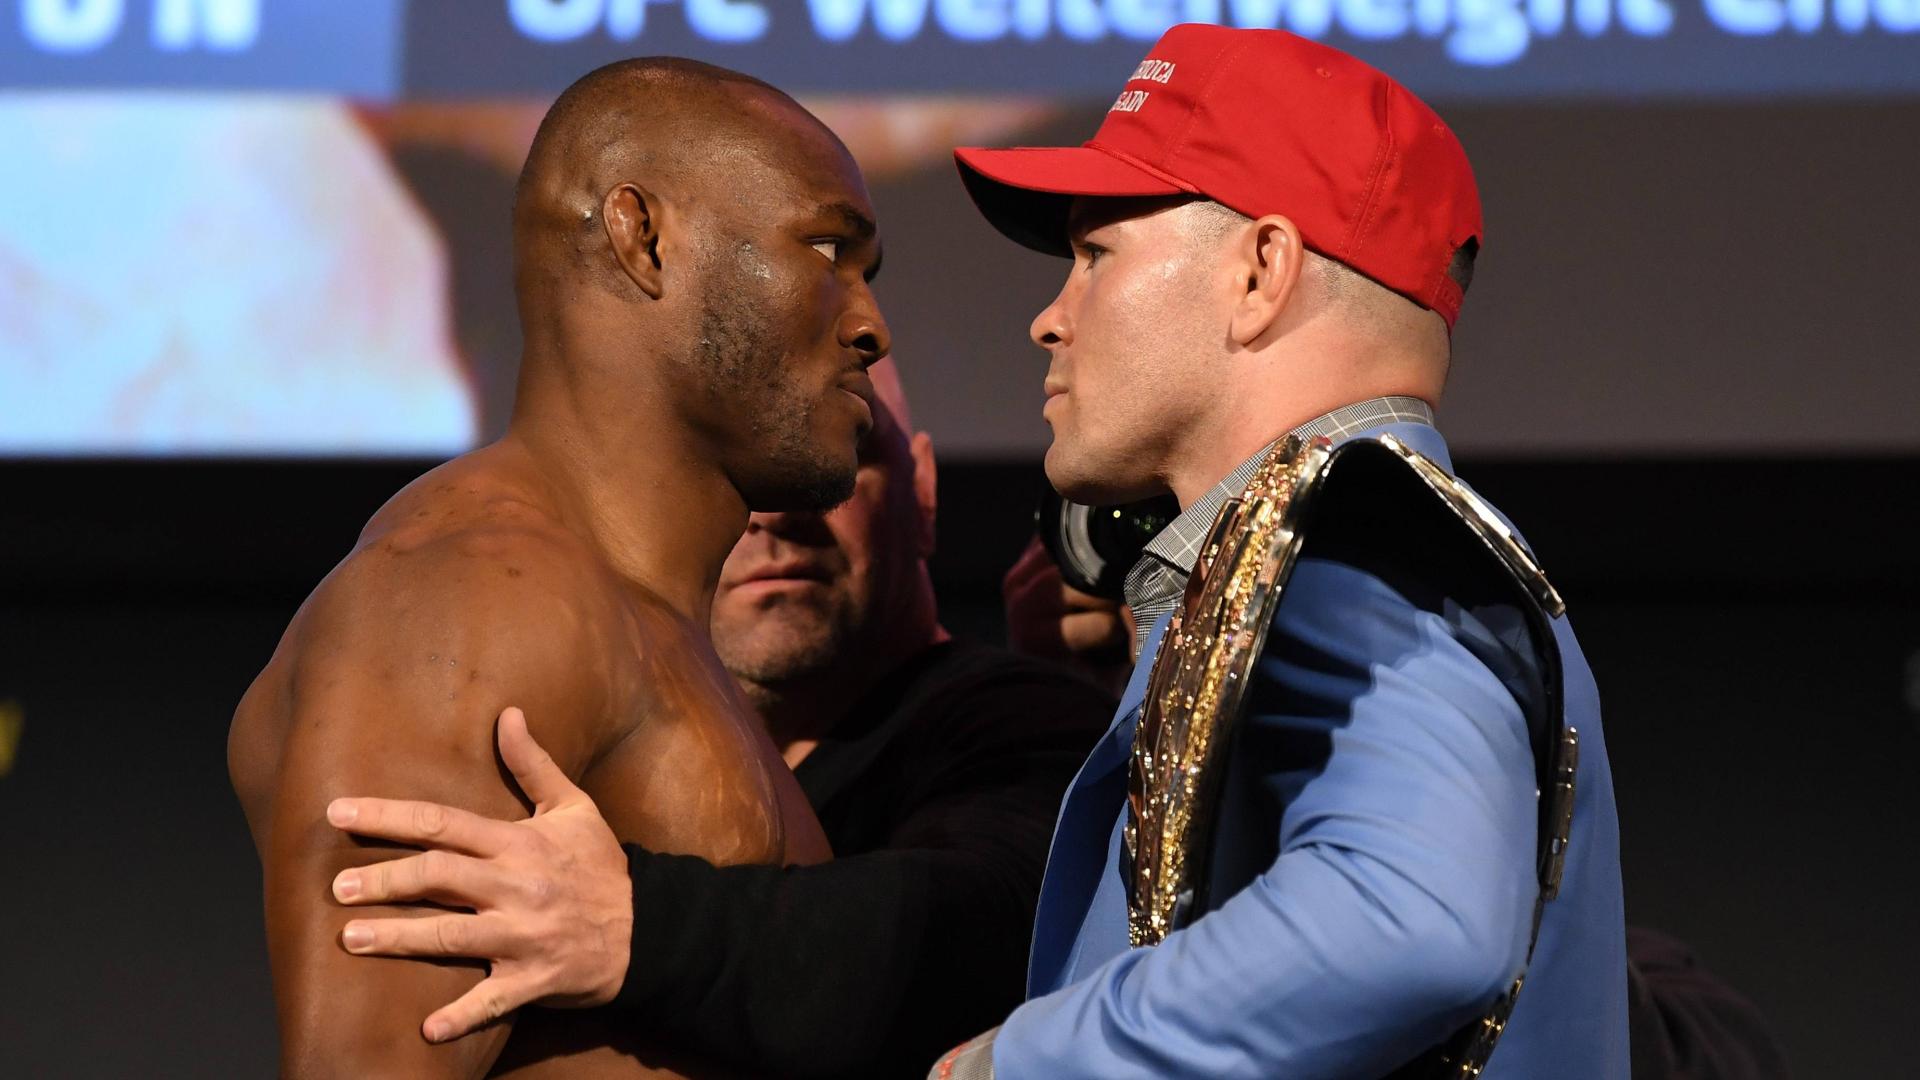 【UFC245预热】拳脚未至,嘴炮先行:卡文顿与乌斯曼激烈互喷【自制字幕】